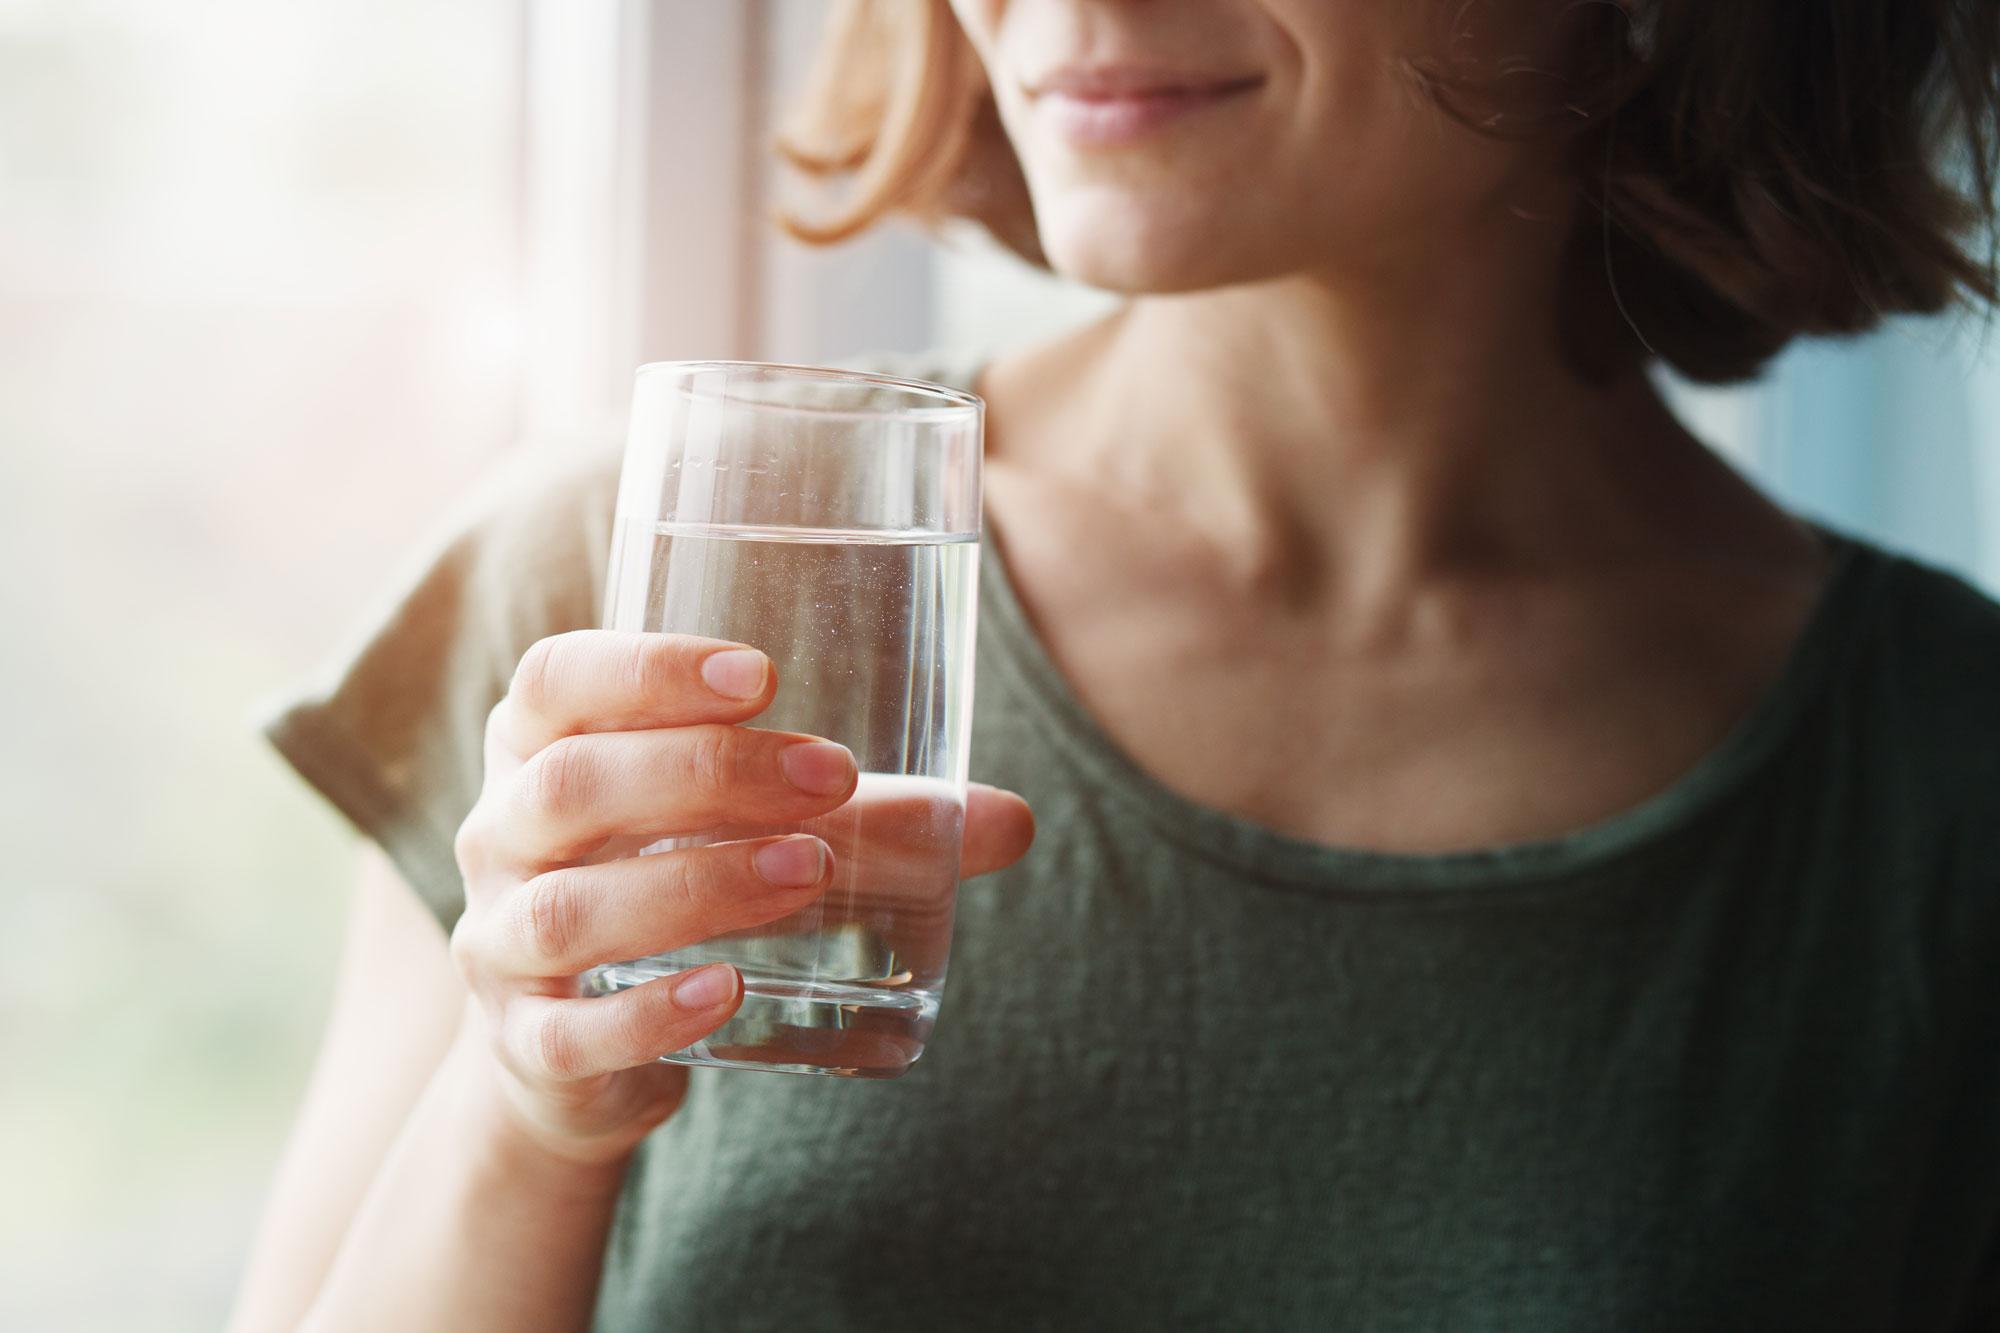 L'idratazione protegge dai disturbi gastrointestinali.